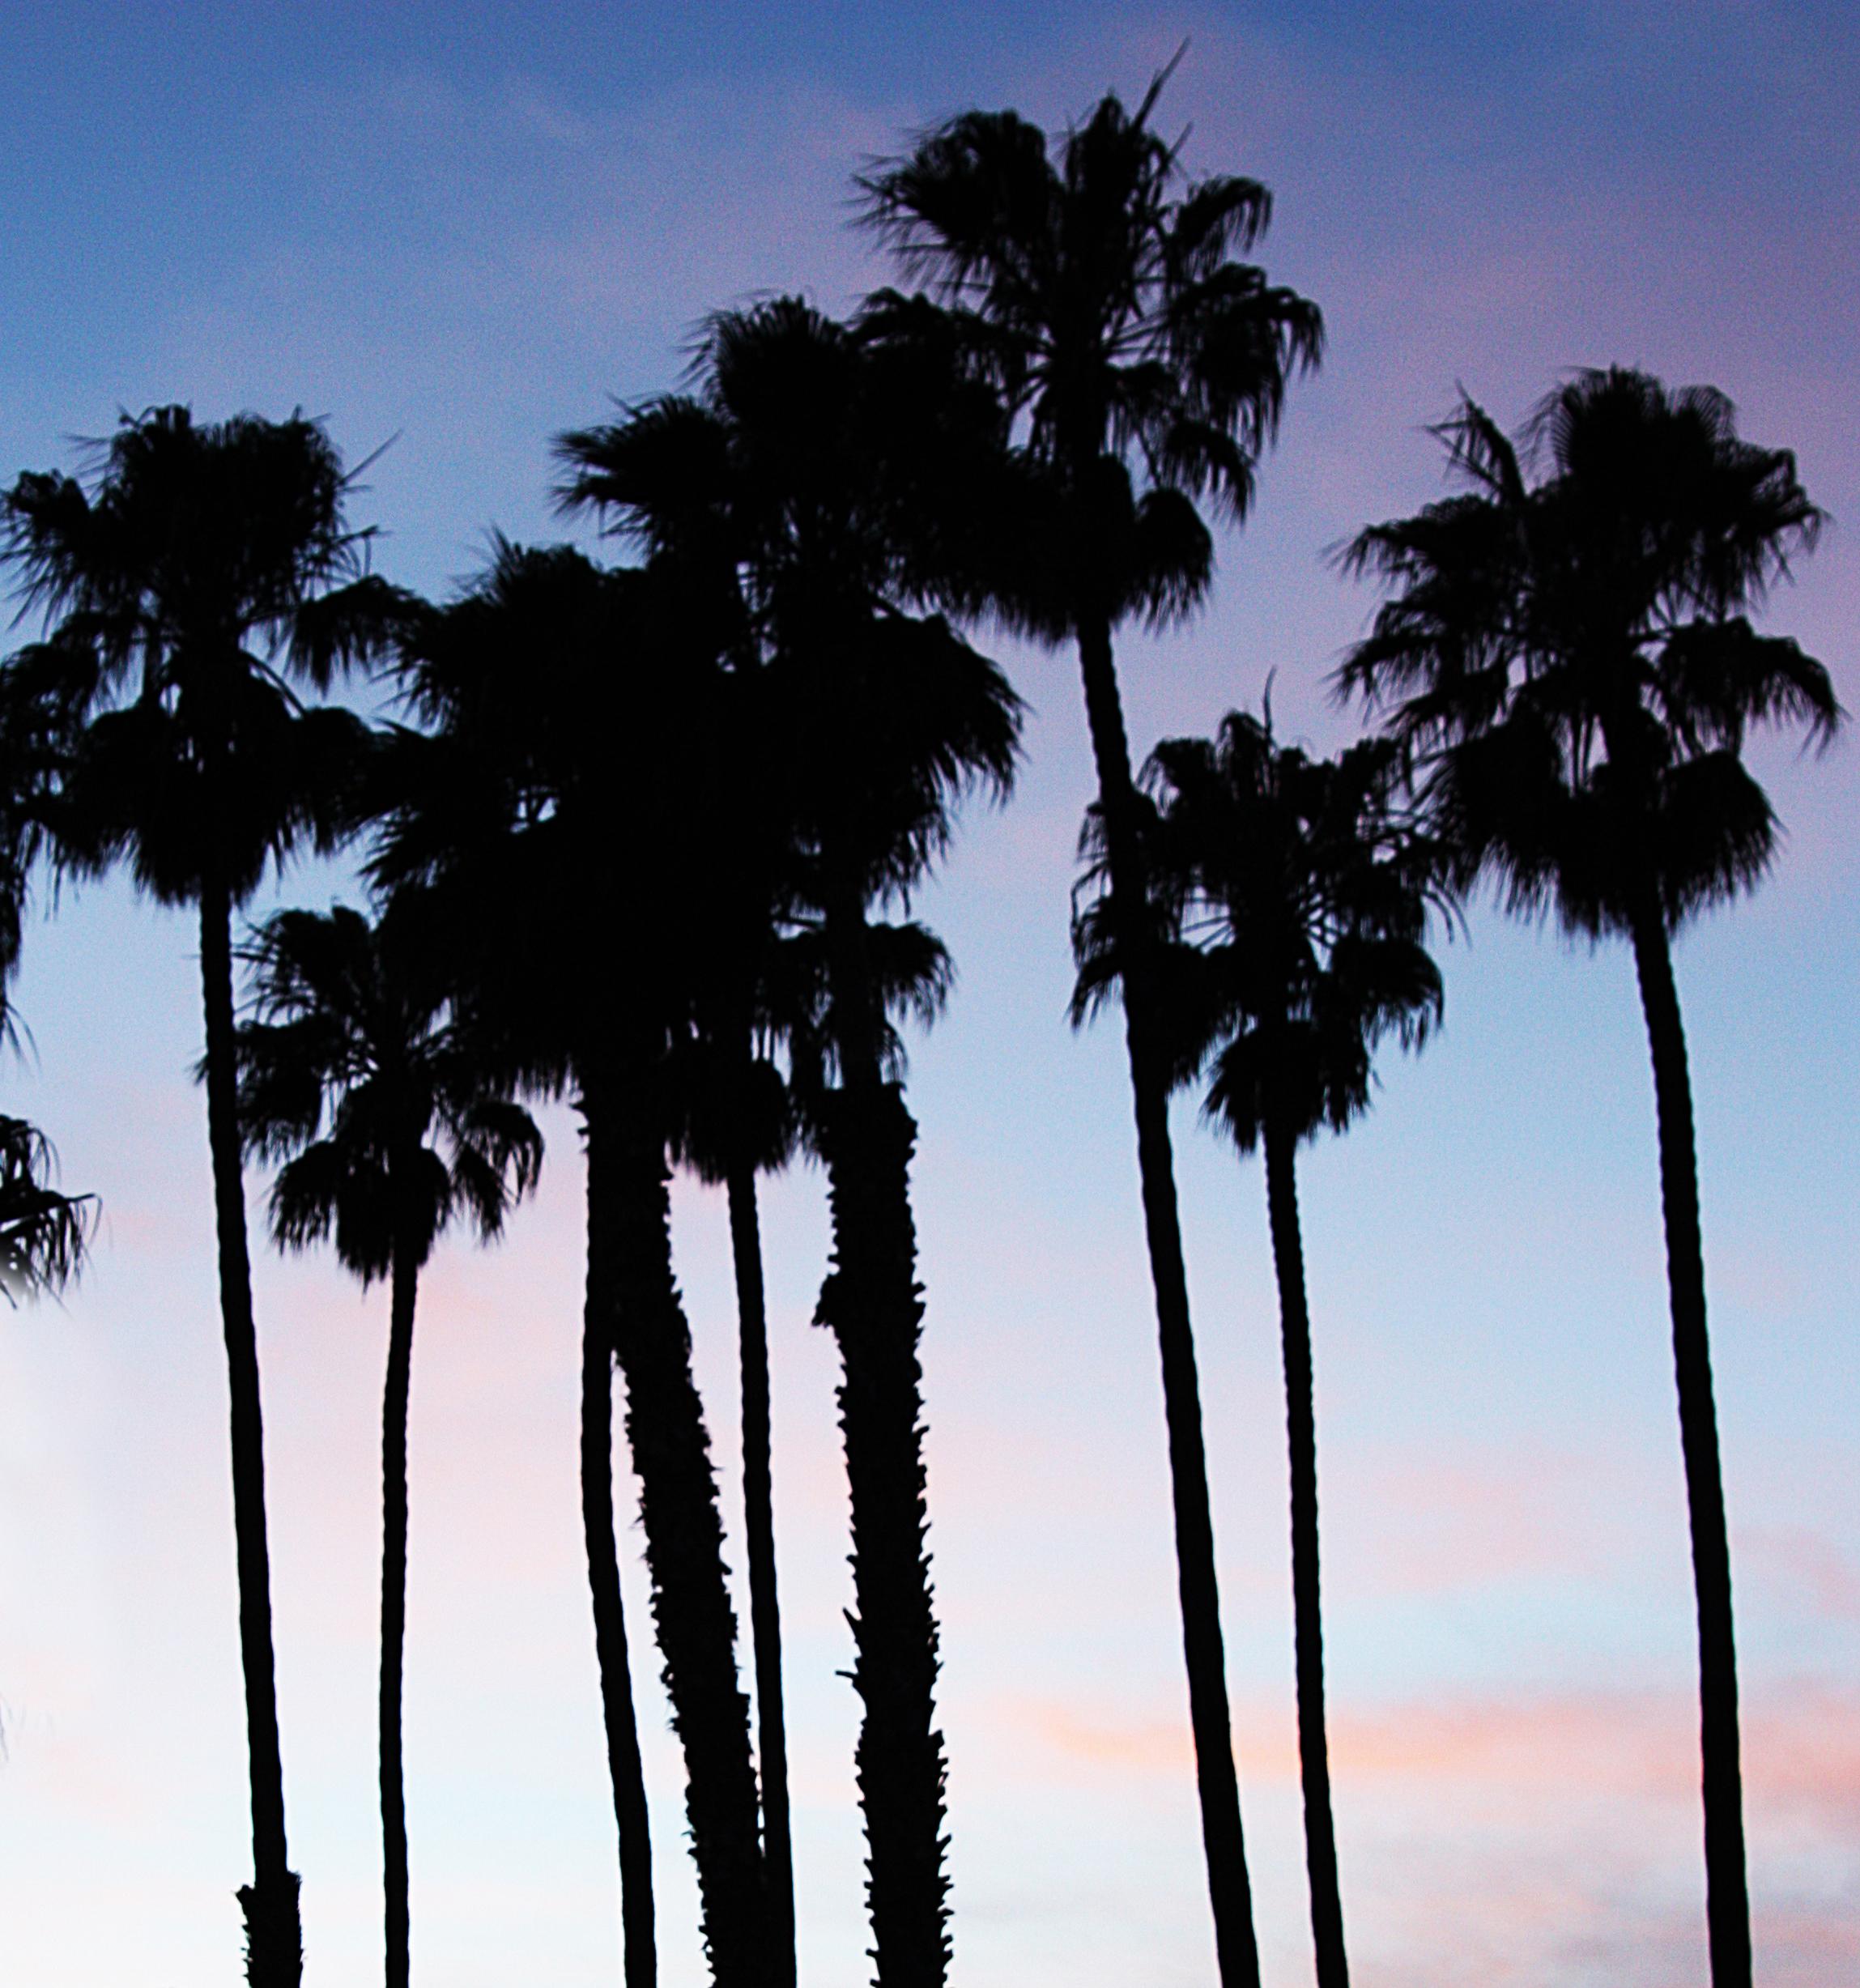 palmspiration_kelseywilhmphoto.jpg